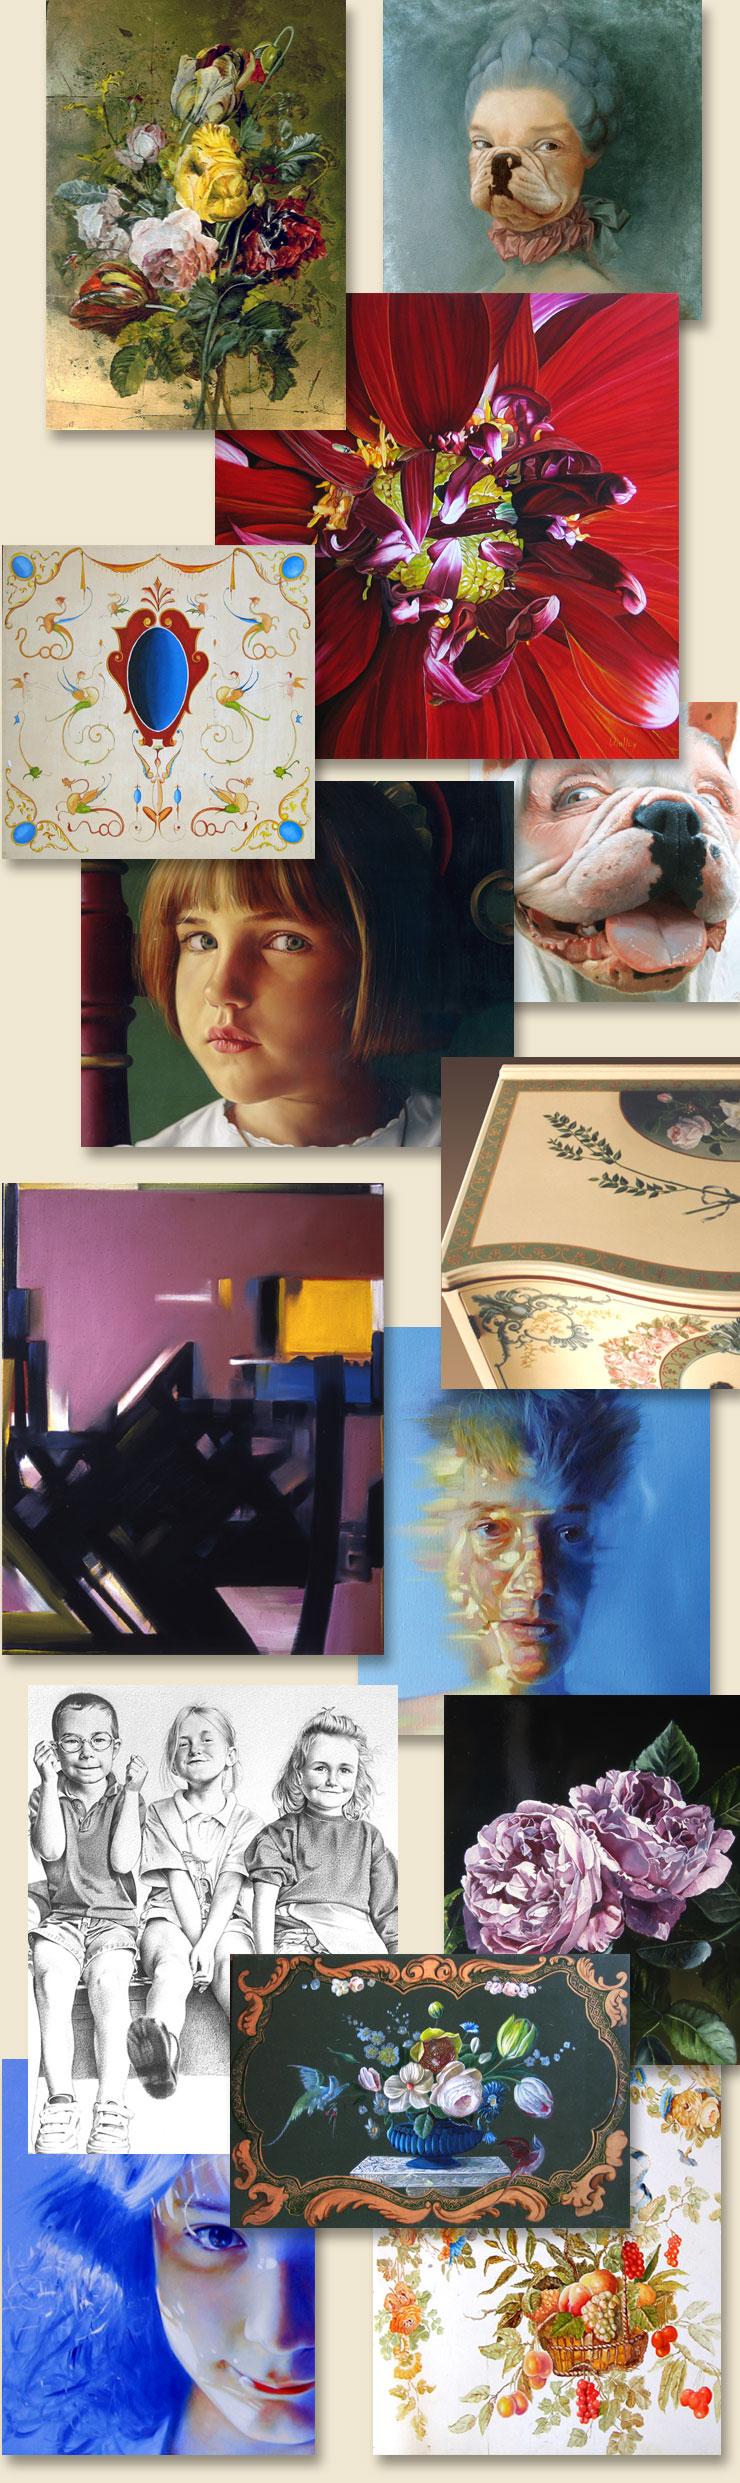 reproductions de quelques réalisations des professeurs des cours et stages de peinture